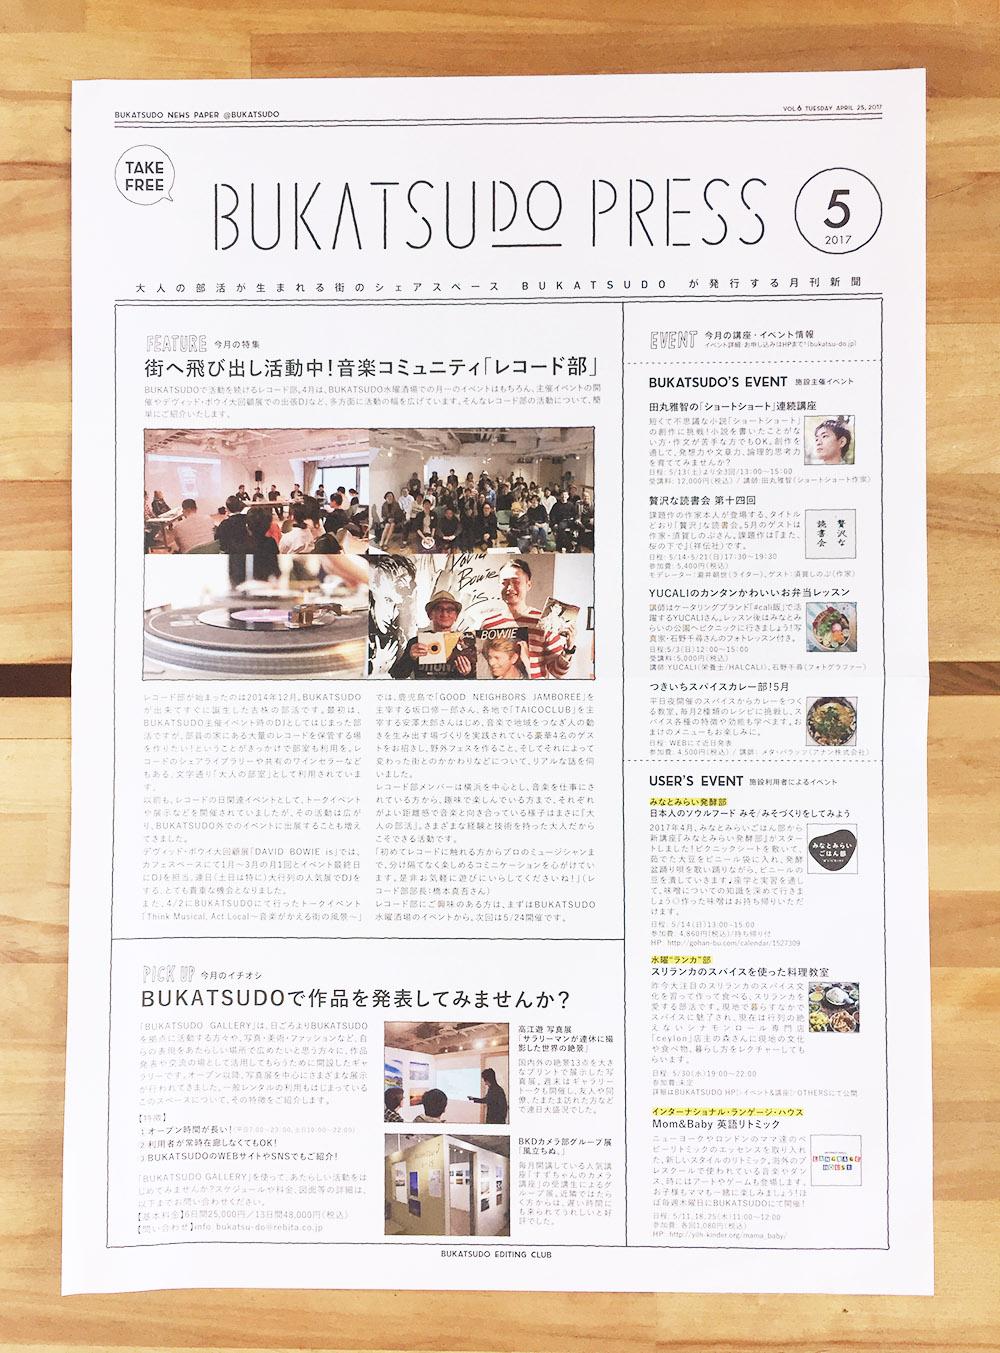 フリーペーパーのデザイン23種 新聞紙風 カラフル design peeji 様々なことをデザインと結びつけて考えます パンフレット デザイン ニュースレターのデザイン 結婚式 パンフレット